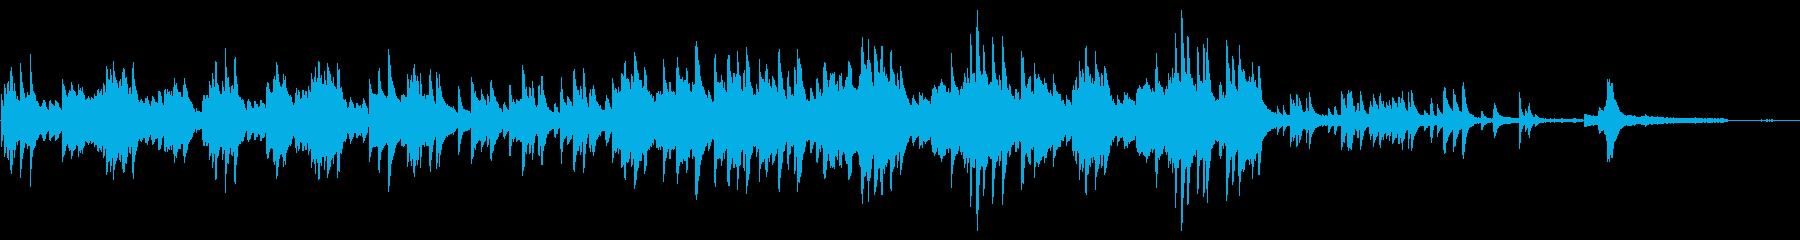 企業VP クリーンで爽やかなピアノソロの再生済みの波形